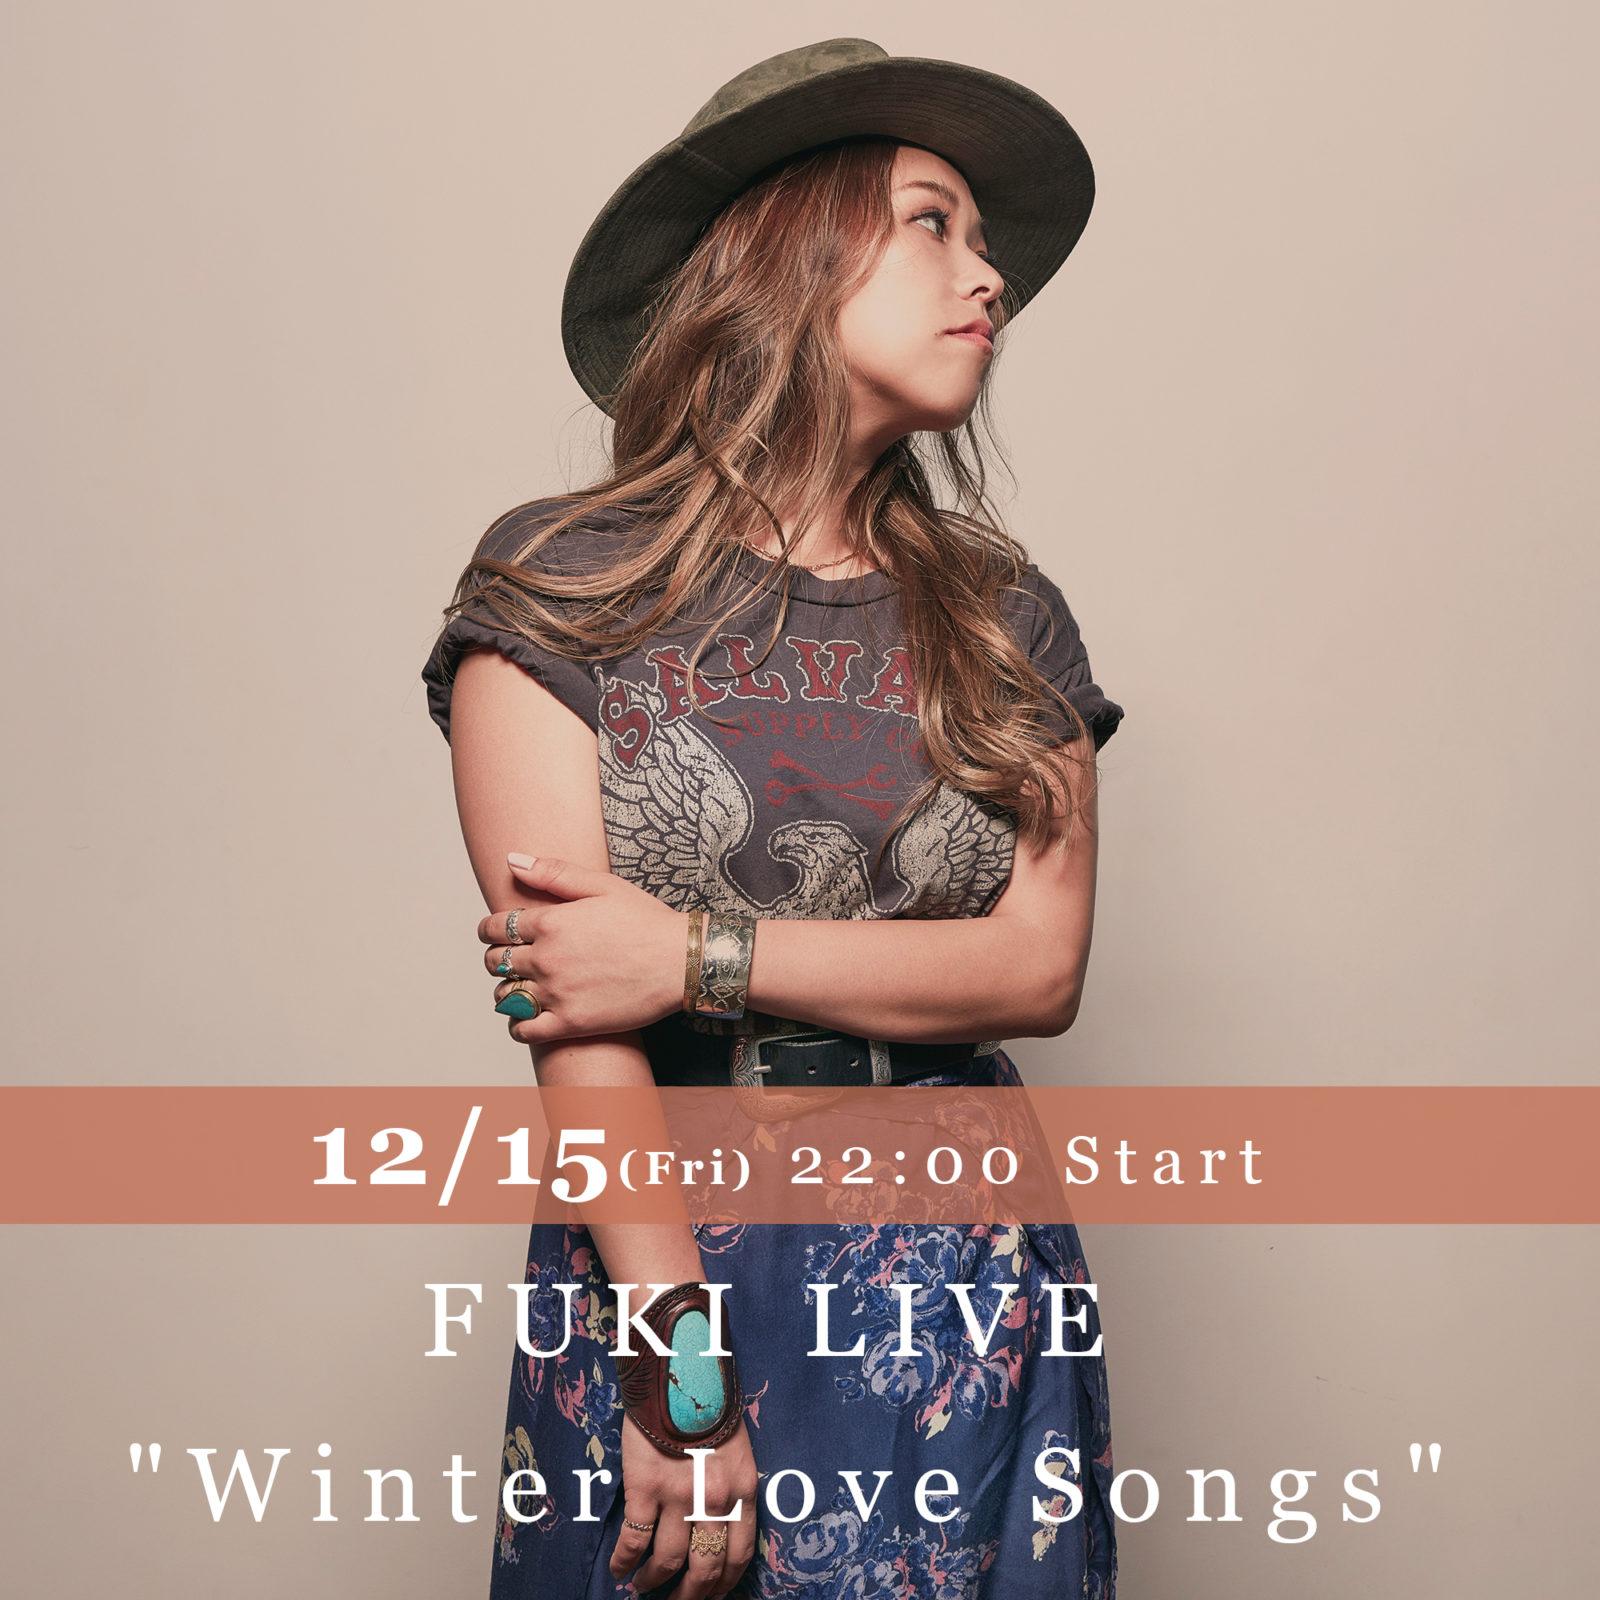 FUKIと現役学生が選ぶ、この冬聴きたいラブソングを今夜LINE LIVEでカバー&新曲披露サムネイル画像